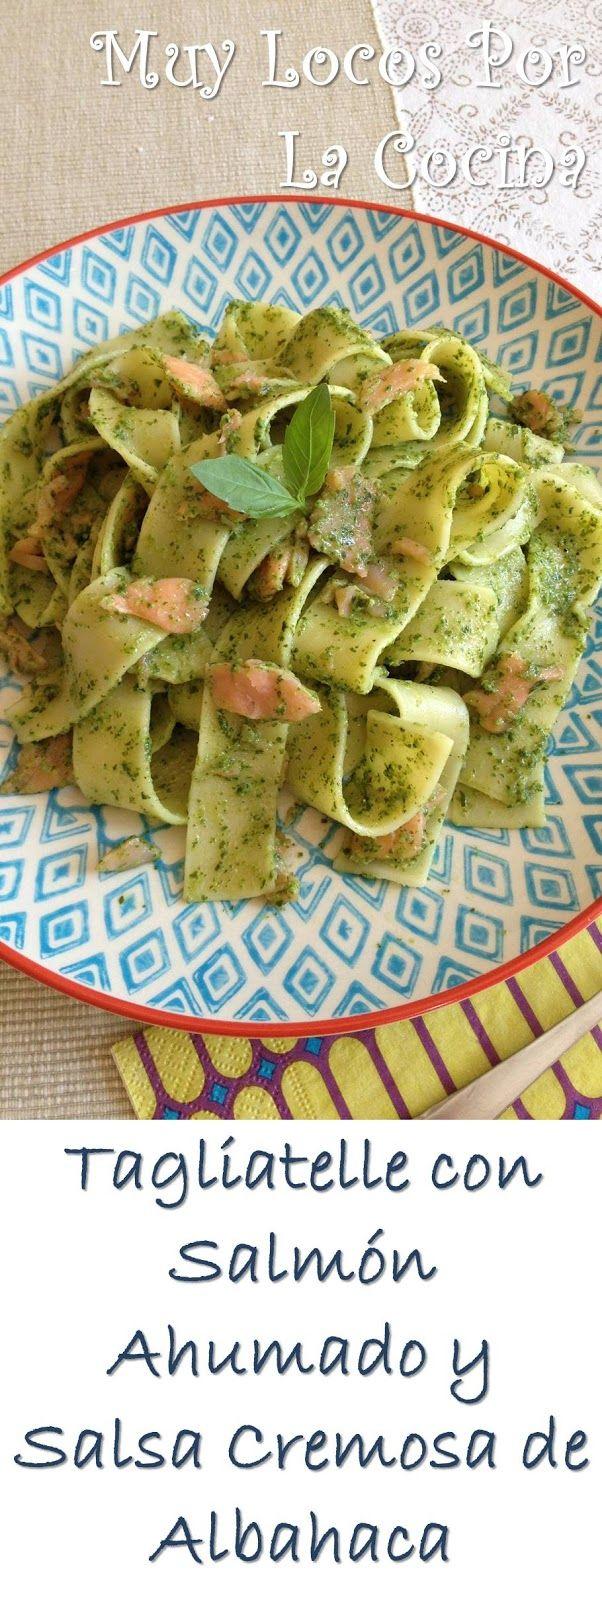 Muy Locos Por La Cocina: Tagliatelle con Salmón Ahumado y Salsa Cremosa de Albahaca